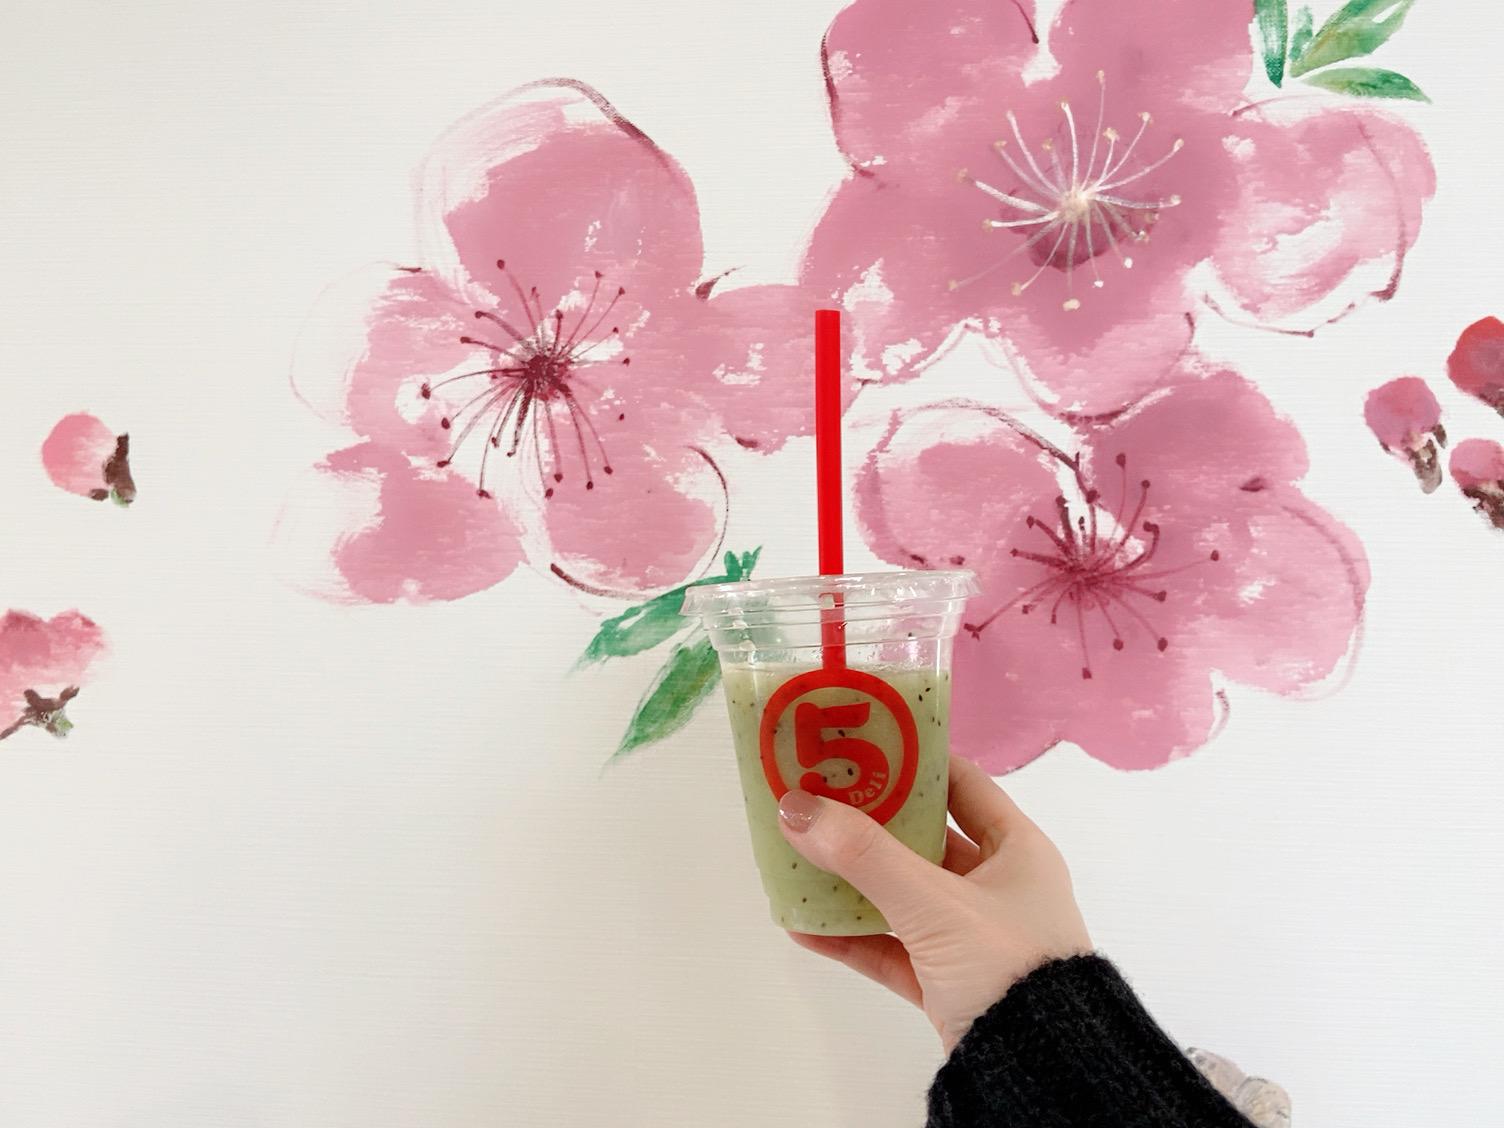 岡山市 とびきりフレッシュなジュースを飲みたいならここ! マルゴデリ